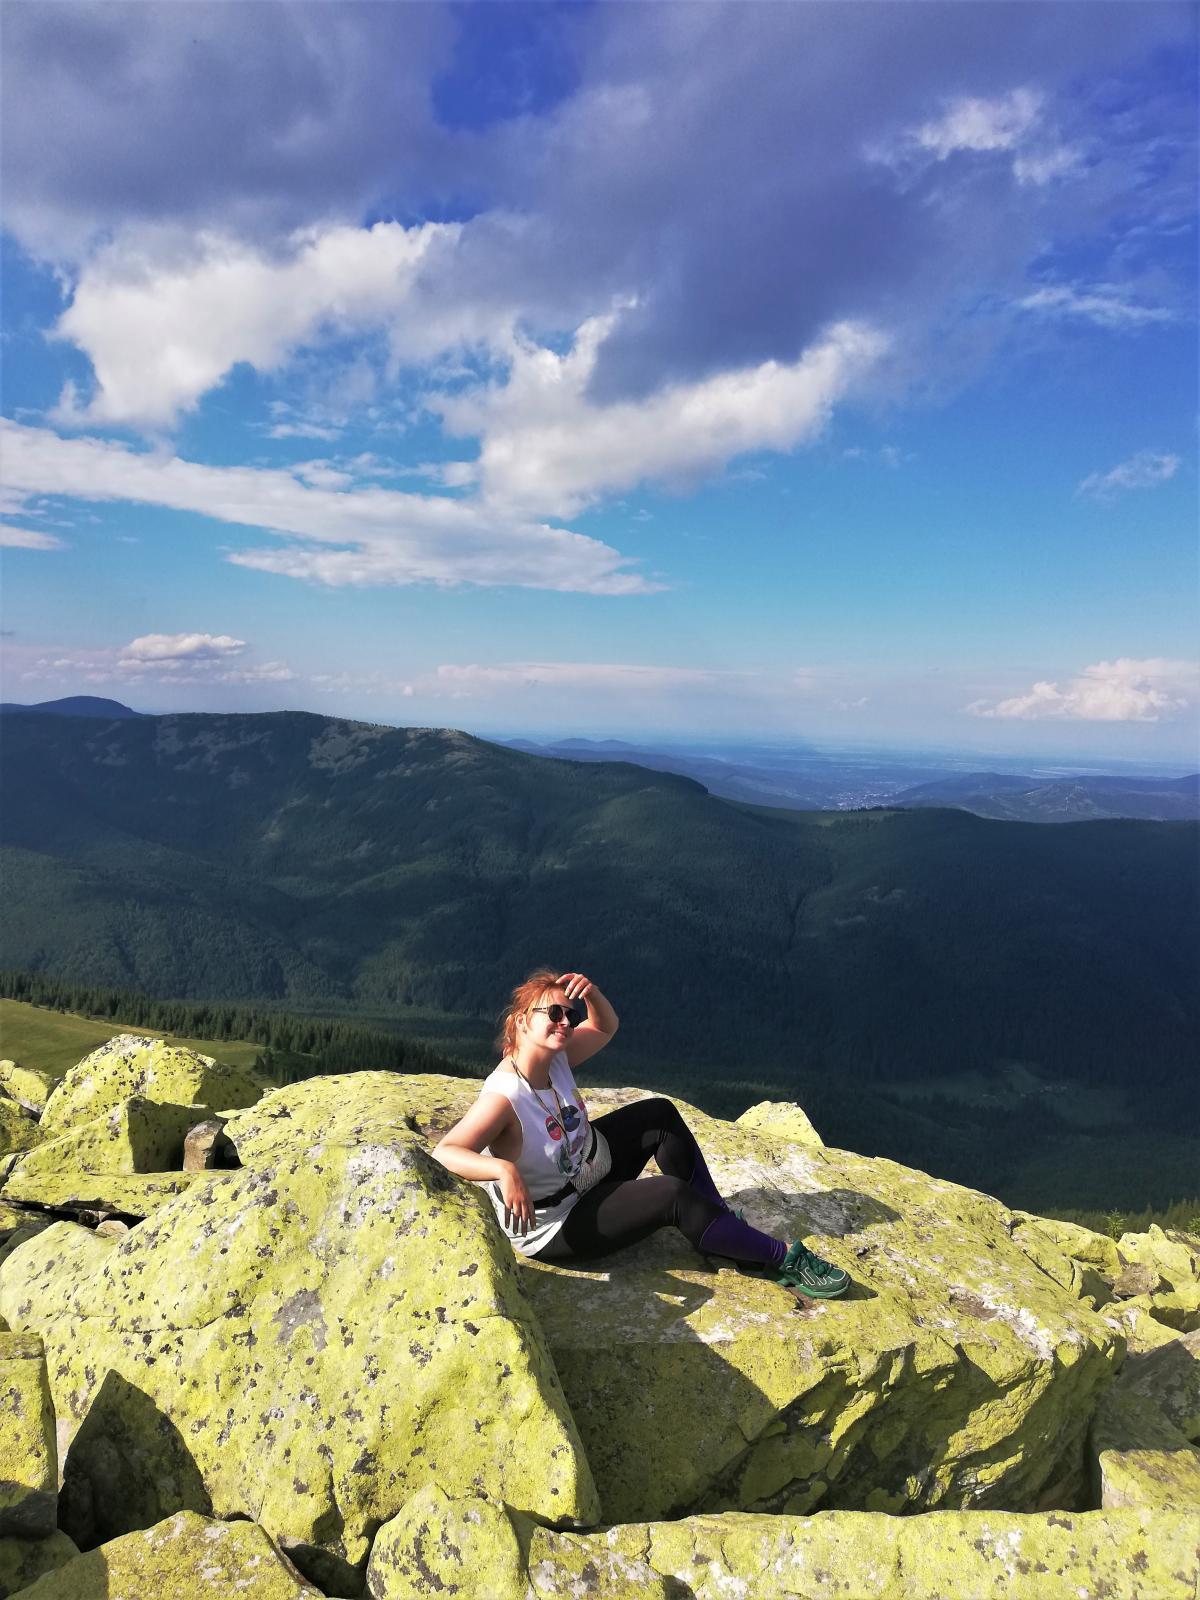 Якщо не зробив фото на вершині Хом'яка - значить, не був на вершині Хом'яка / фото Марина Григоренко